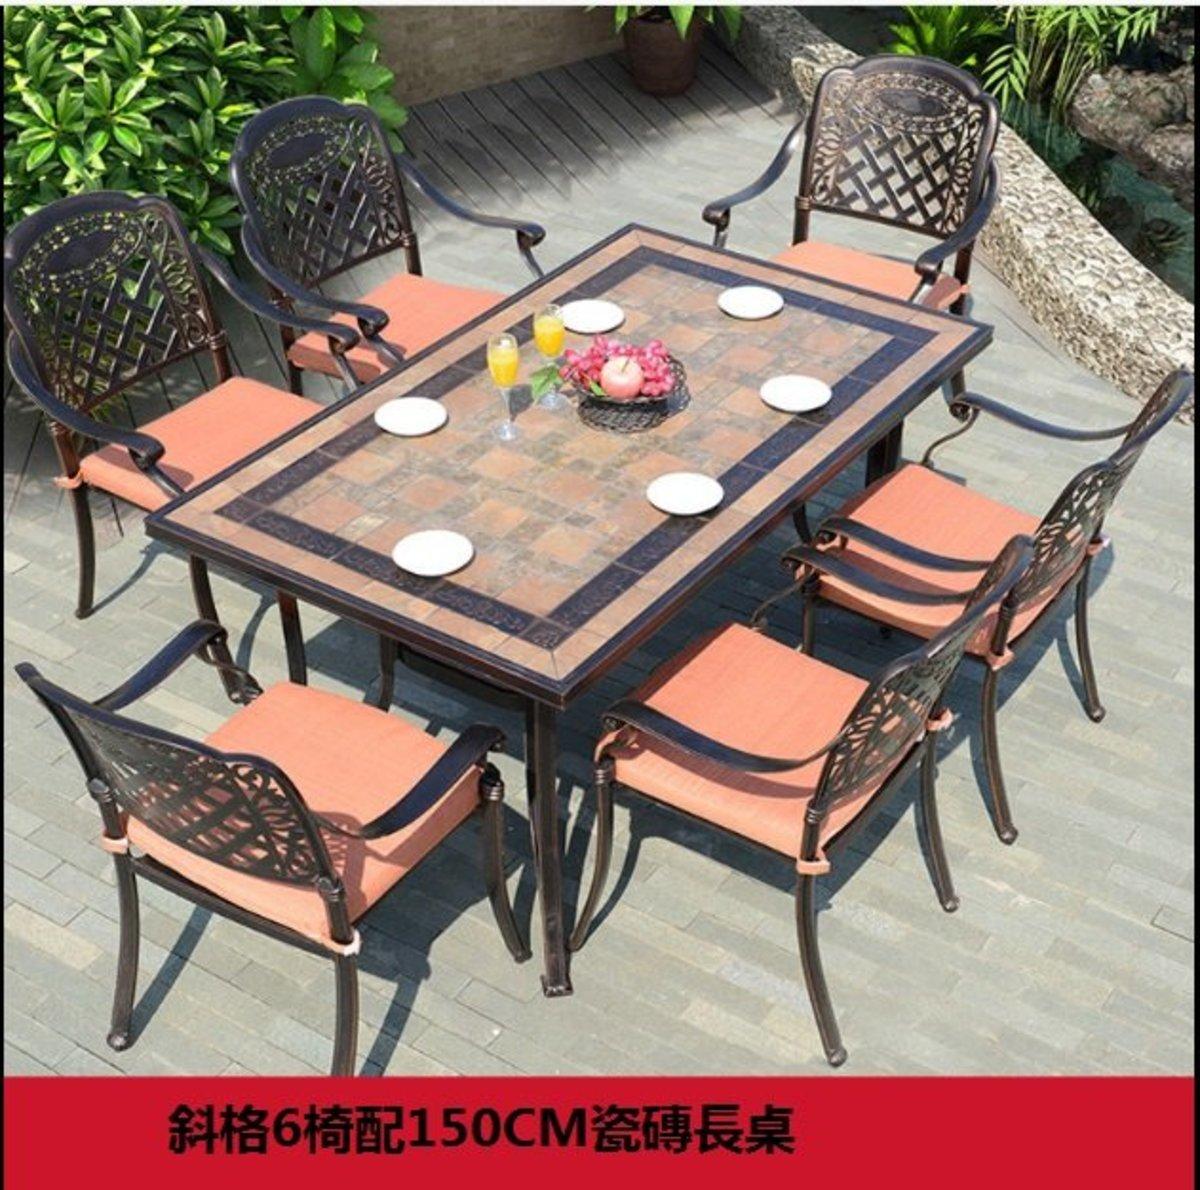 歐式鐵藝防水防曬桌椅(斜格6椅配150CM瓷磚長桌)